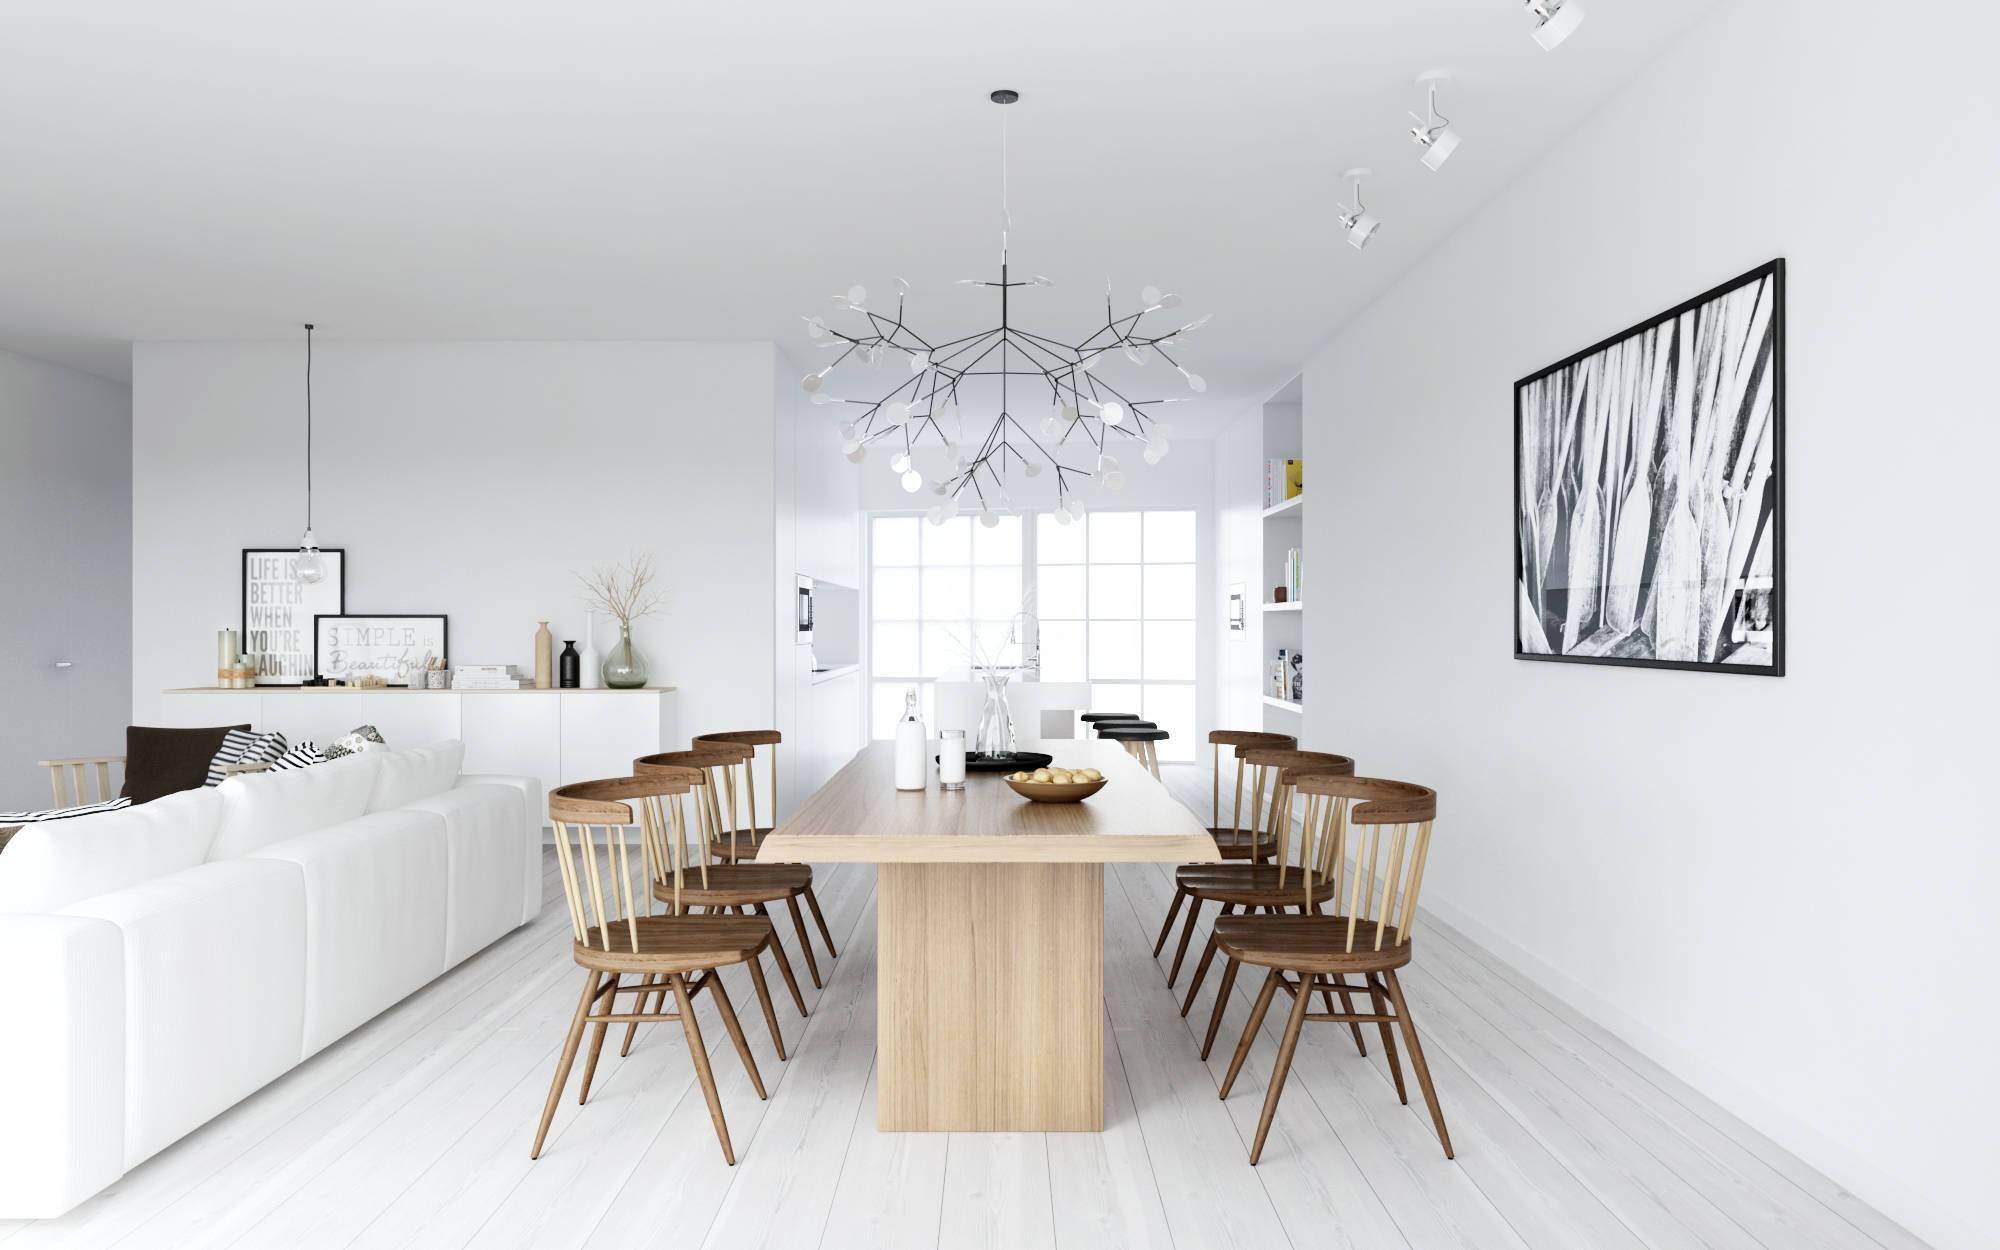 A madeira de tom claro junto ao ambiente de paredes e piso brancos com alguns contrastes em preto reforçam o estilo escandinavo.